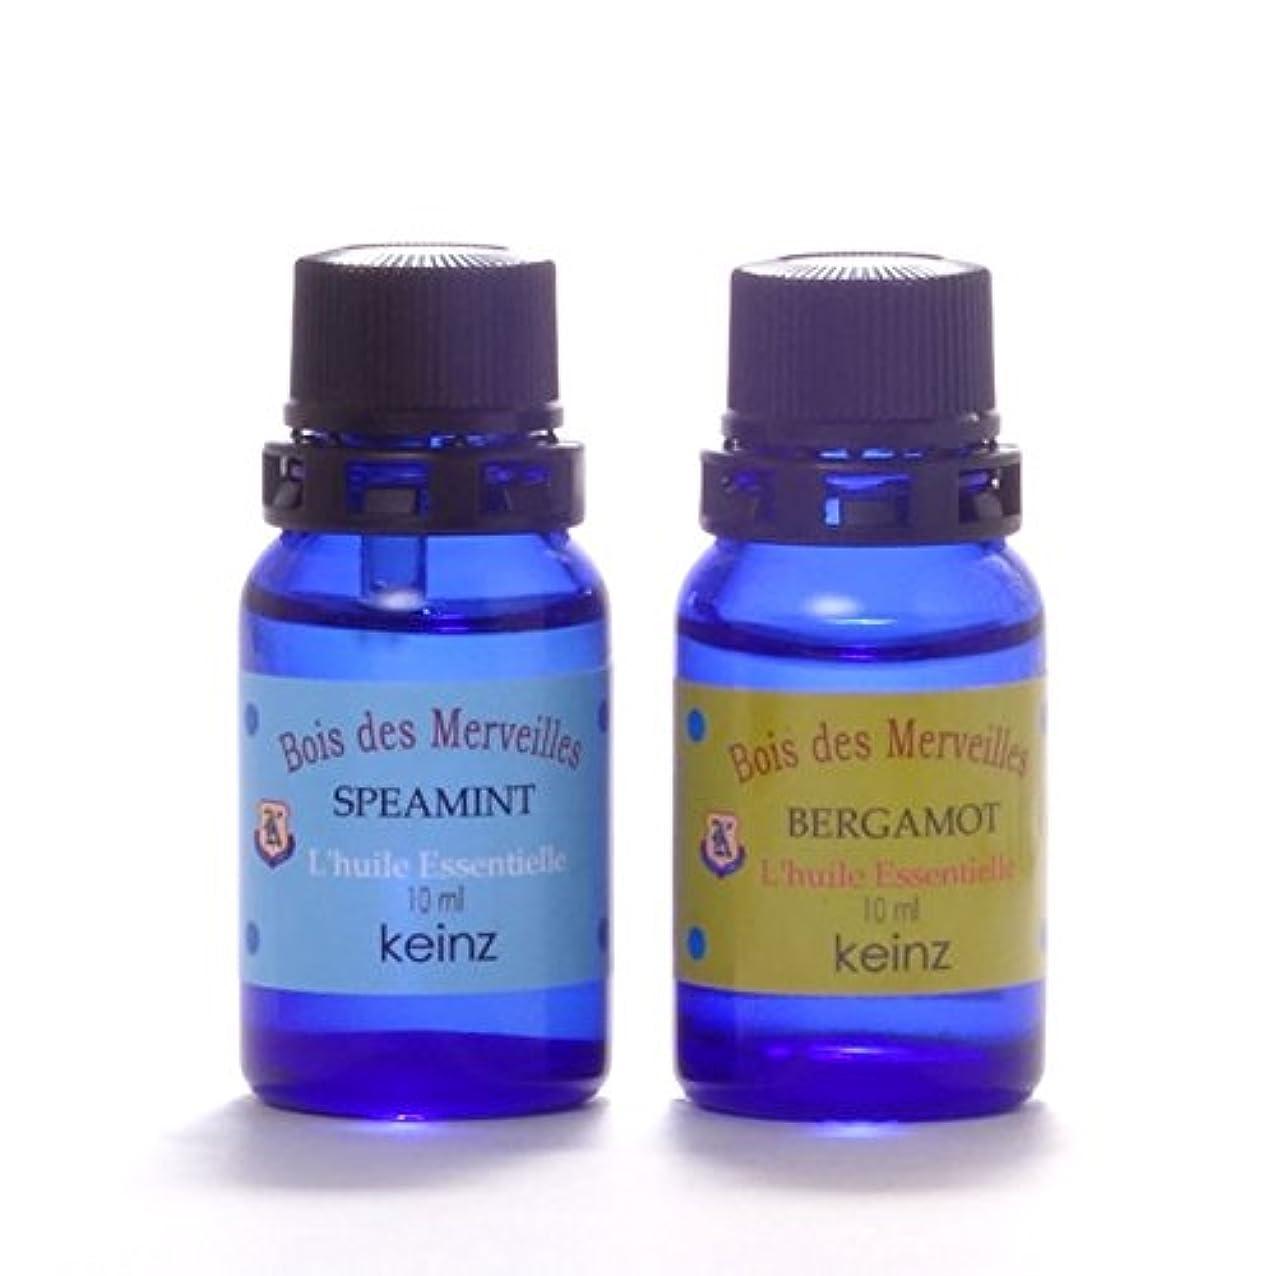 独特の前述の境界keinzエッセンシャルオイル「ベルガモット10ml&スペアミント10ml」2種1セット ケインズ正規品 製造国アメリカ 完全無添加 人工香料は使っていません。